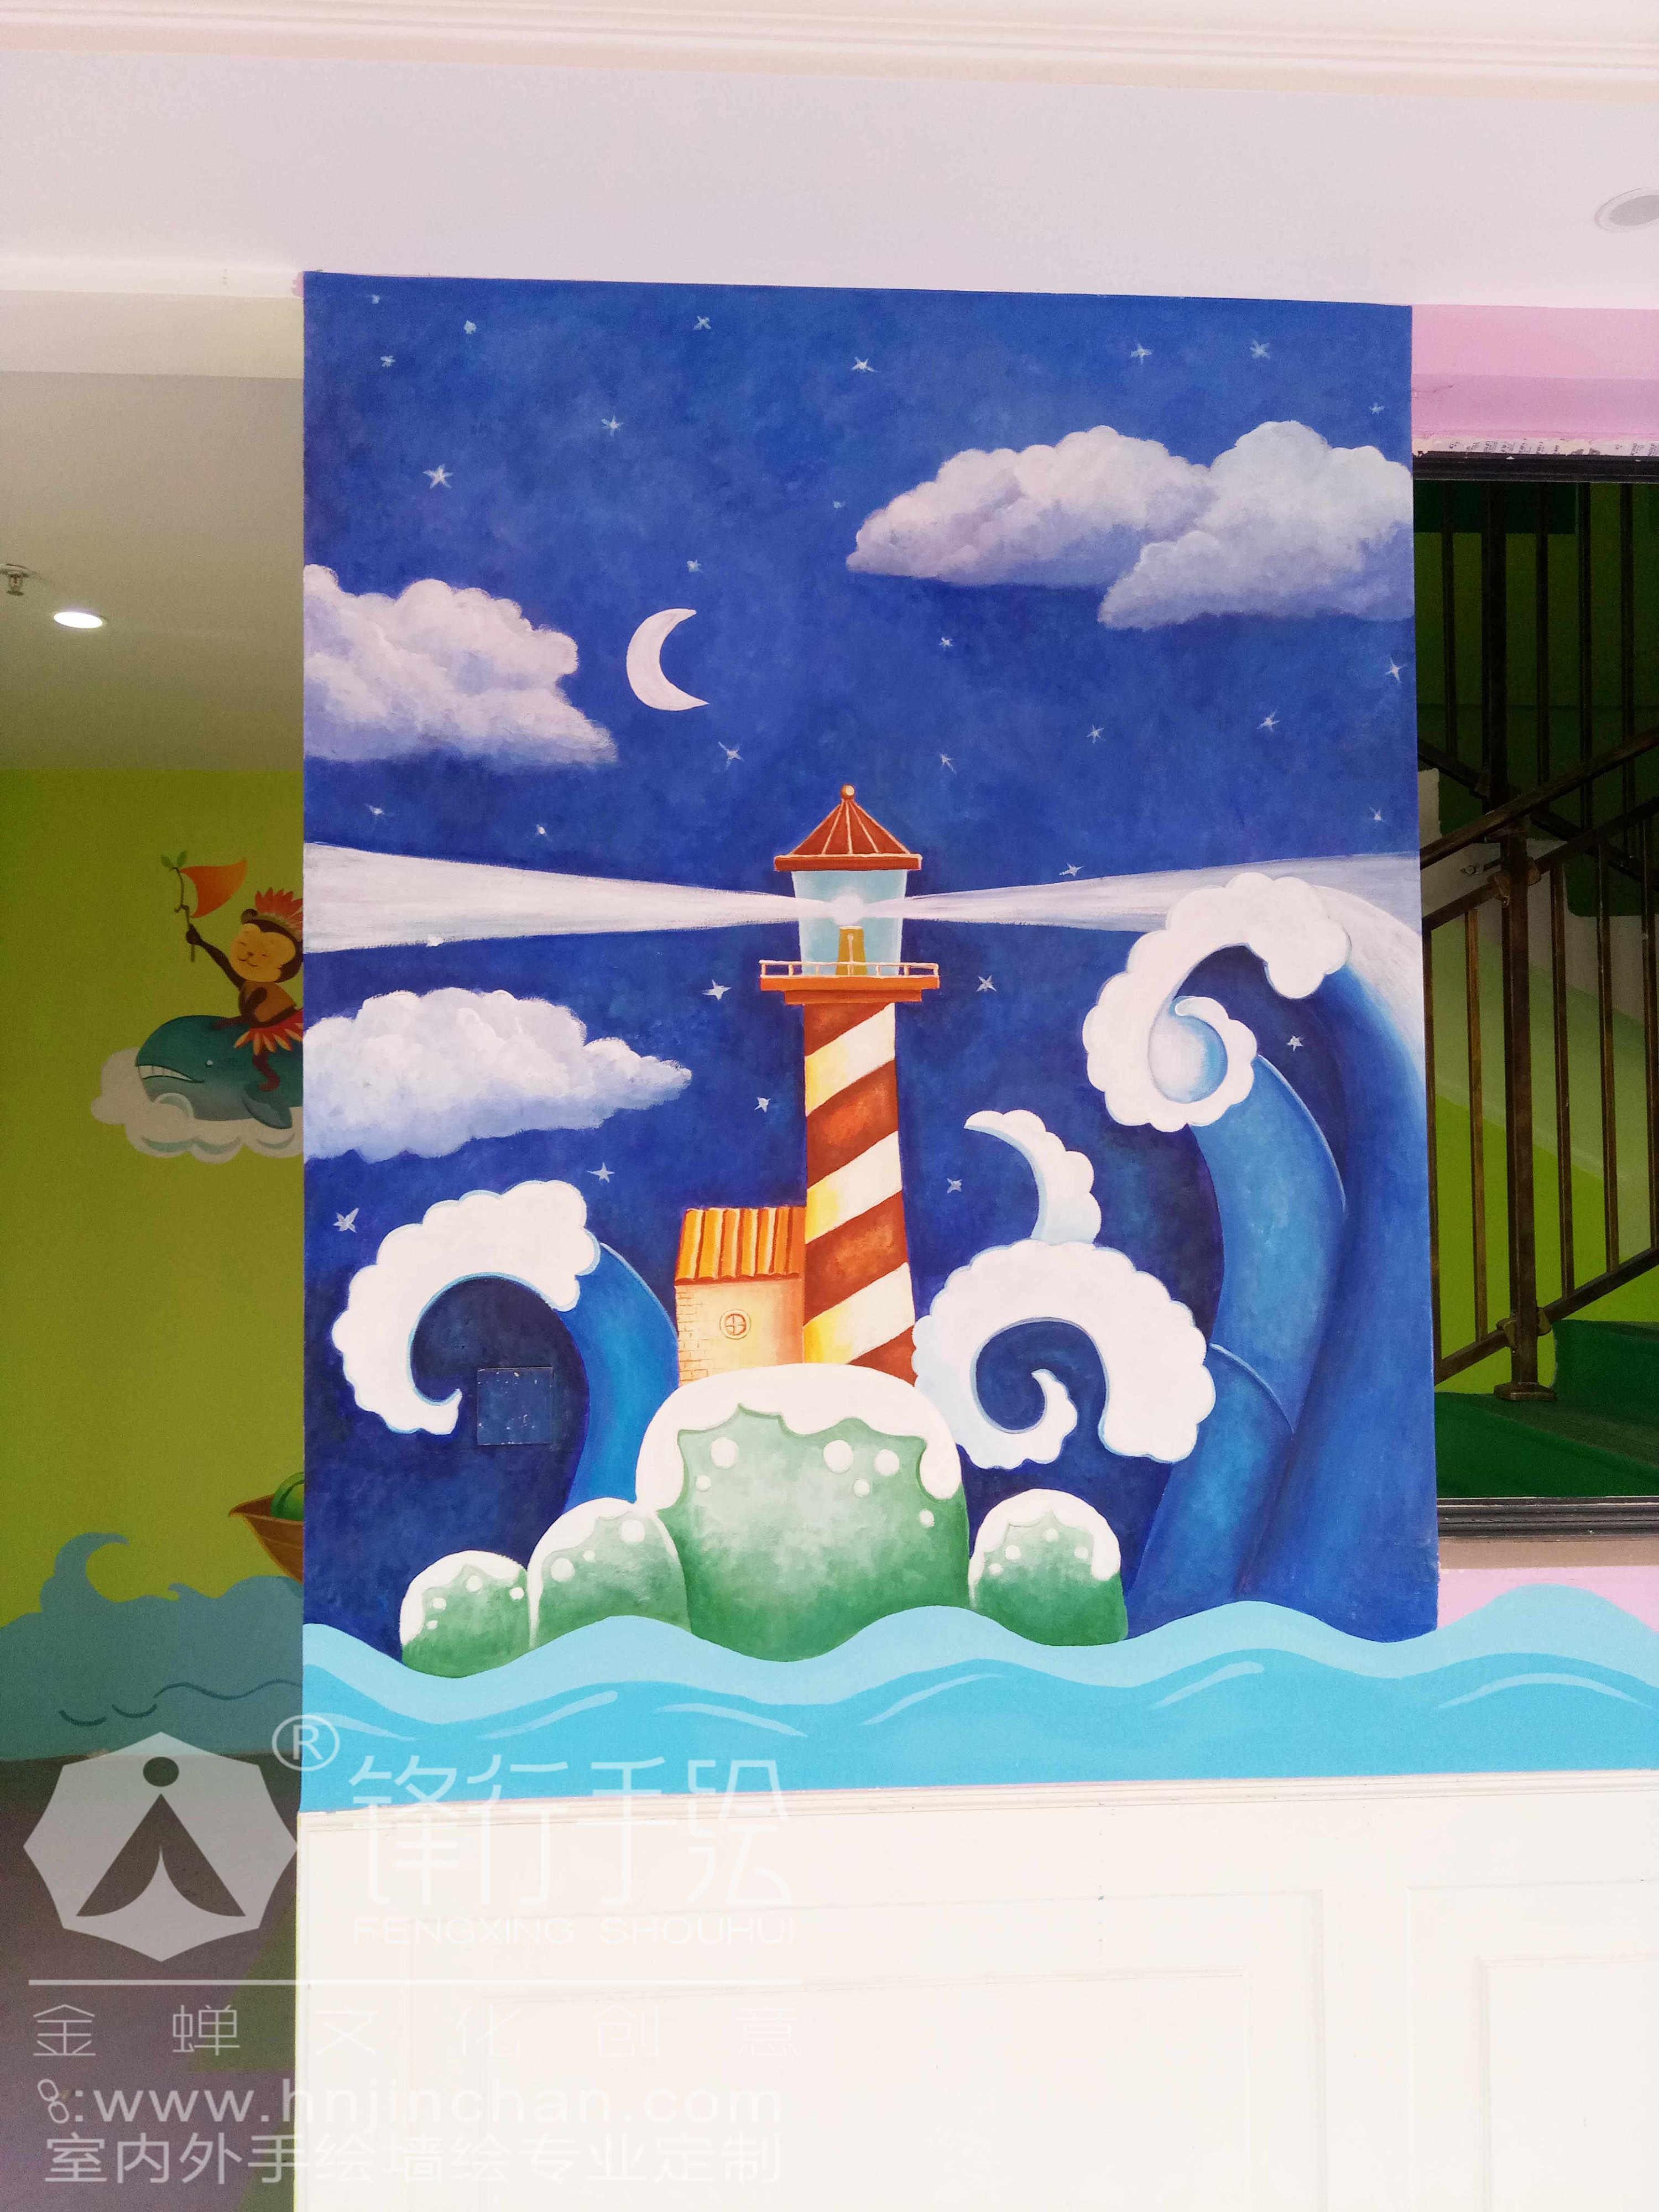 幼儿园主题手绘墙 怀化锋行手绘